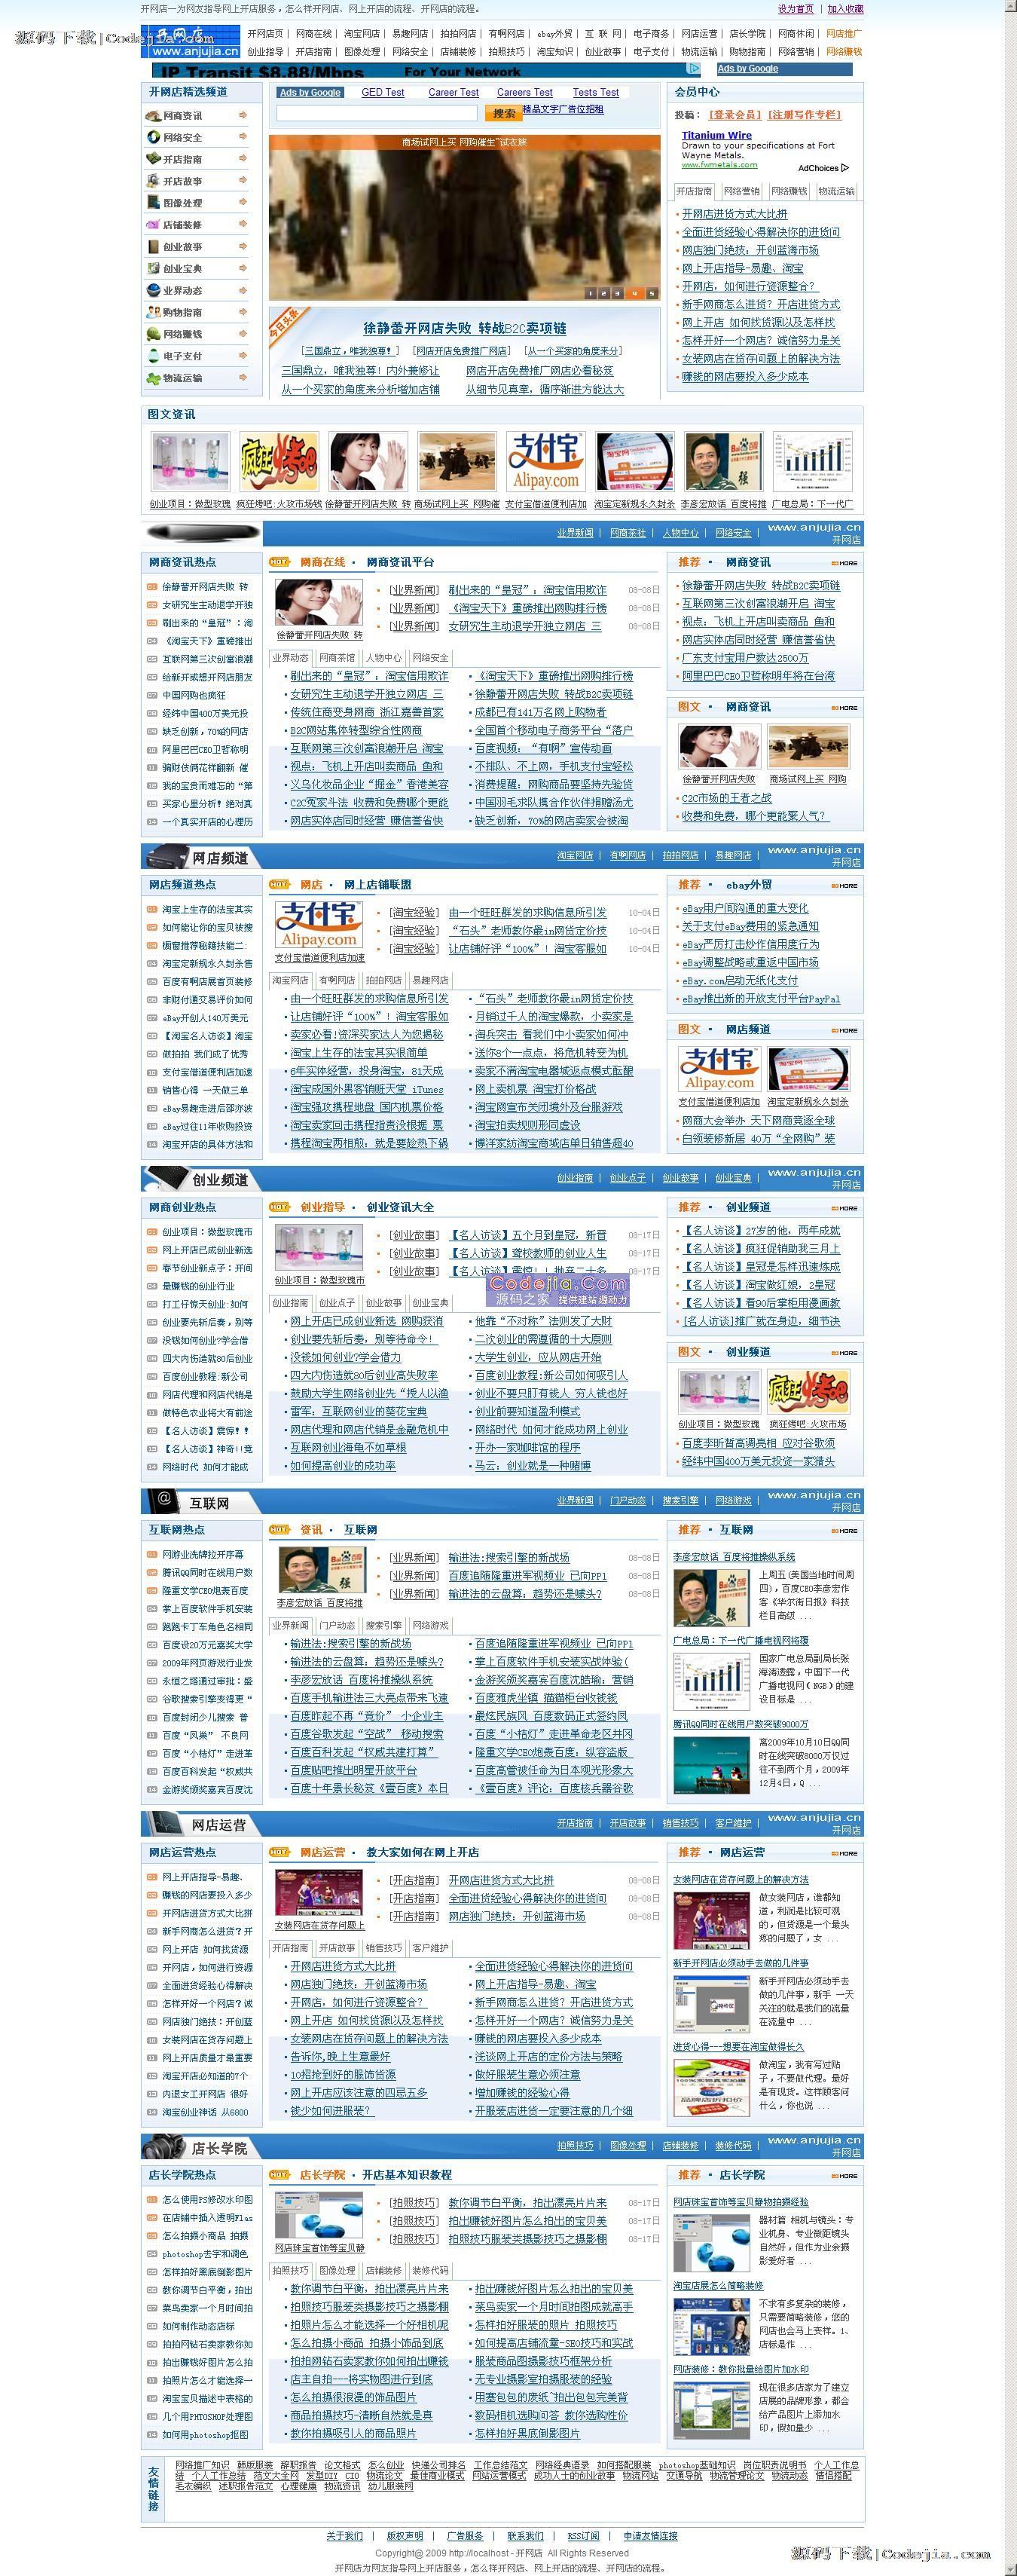 开网店经验网站源码程序dedecms 第1张 电信演示服务器